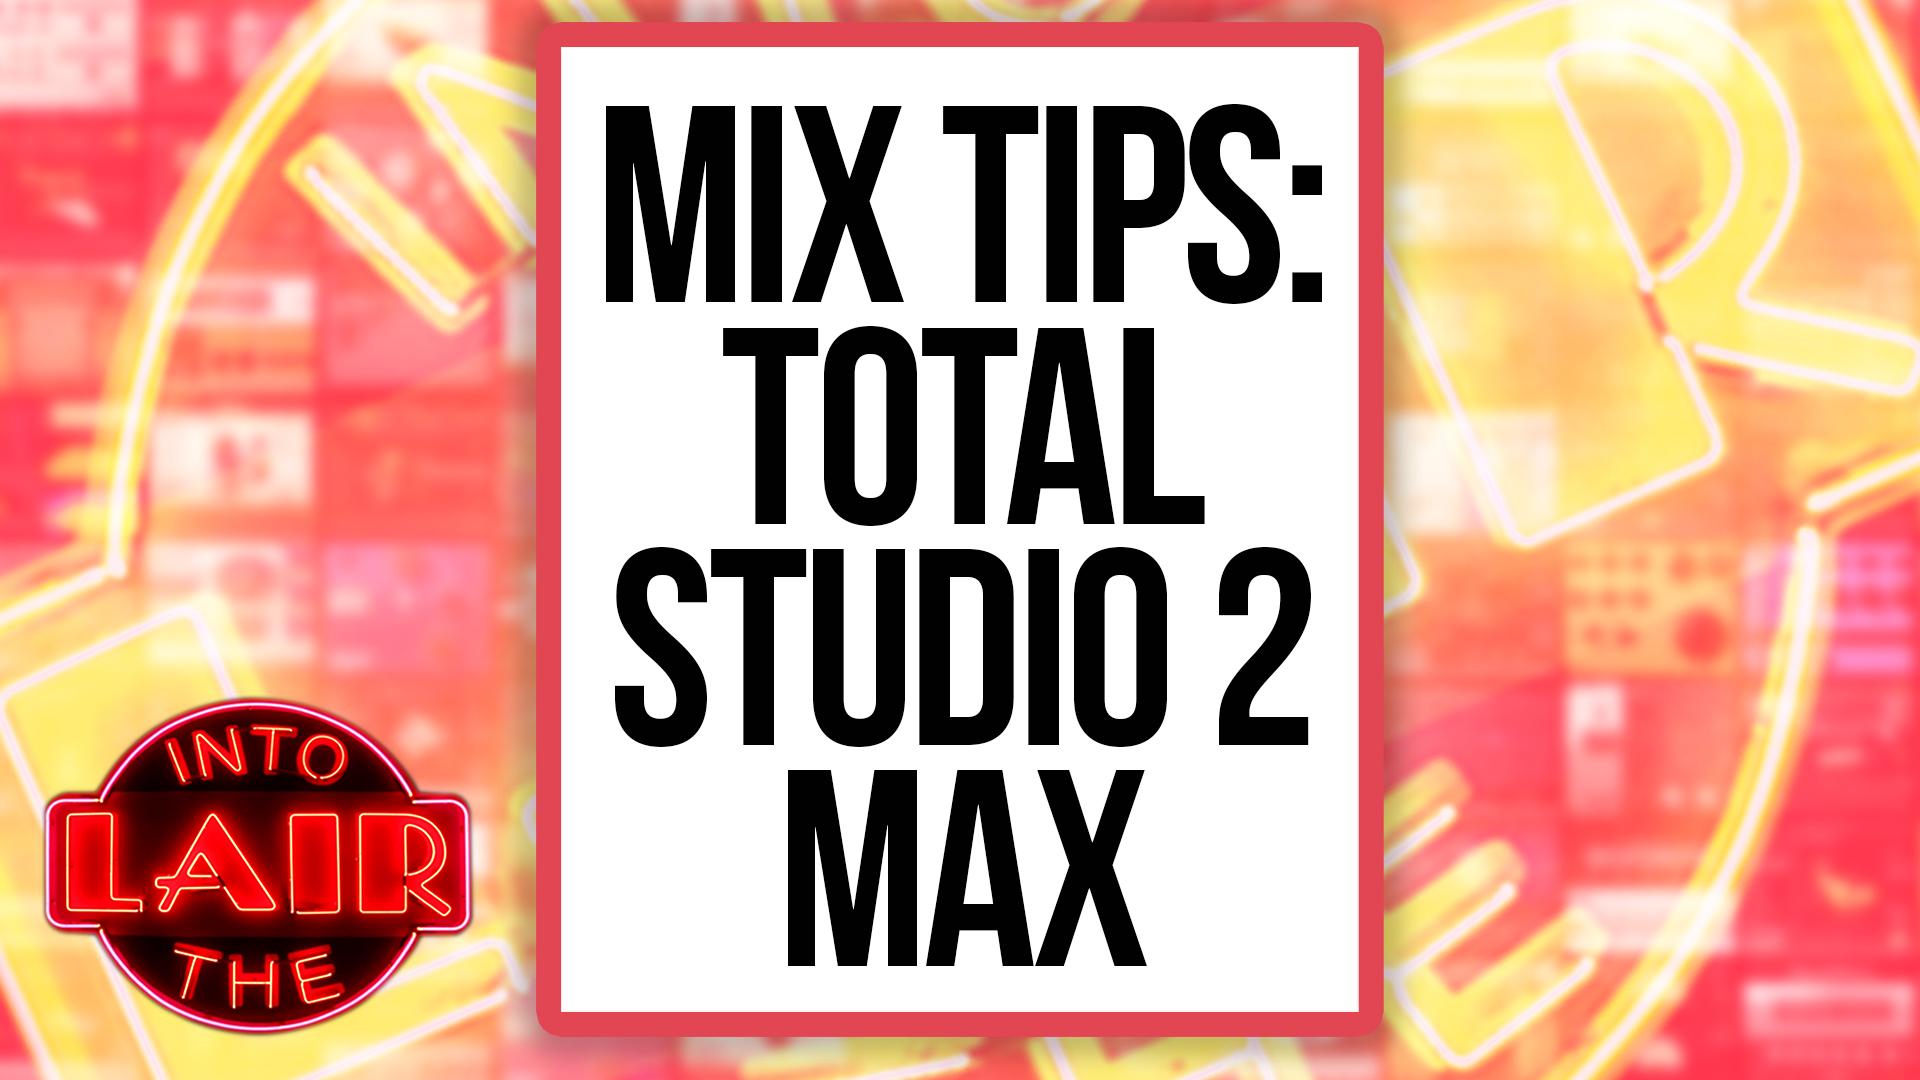 Mix Tips: Total Studio 2 Max